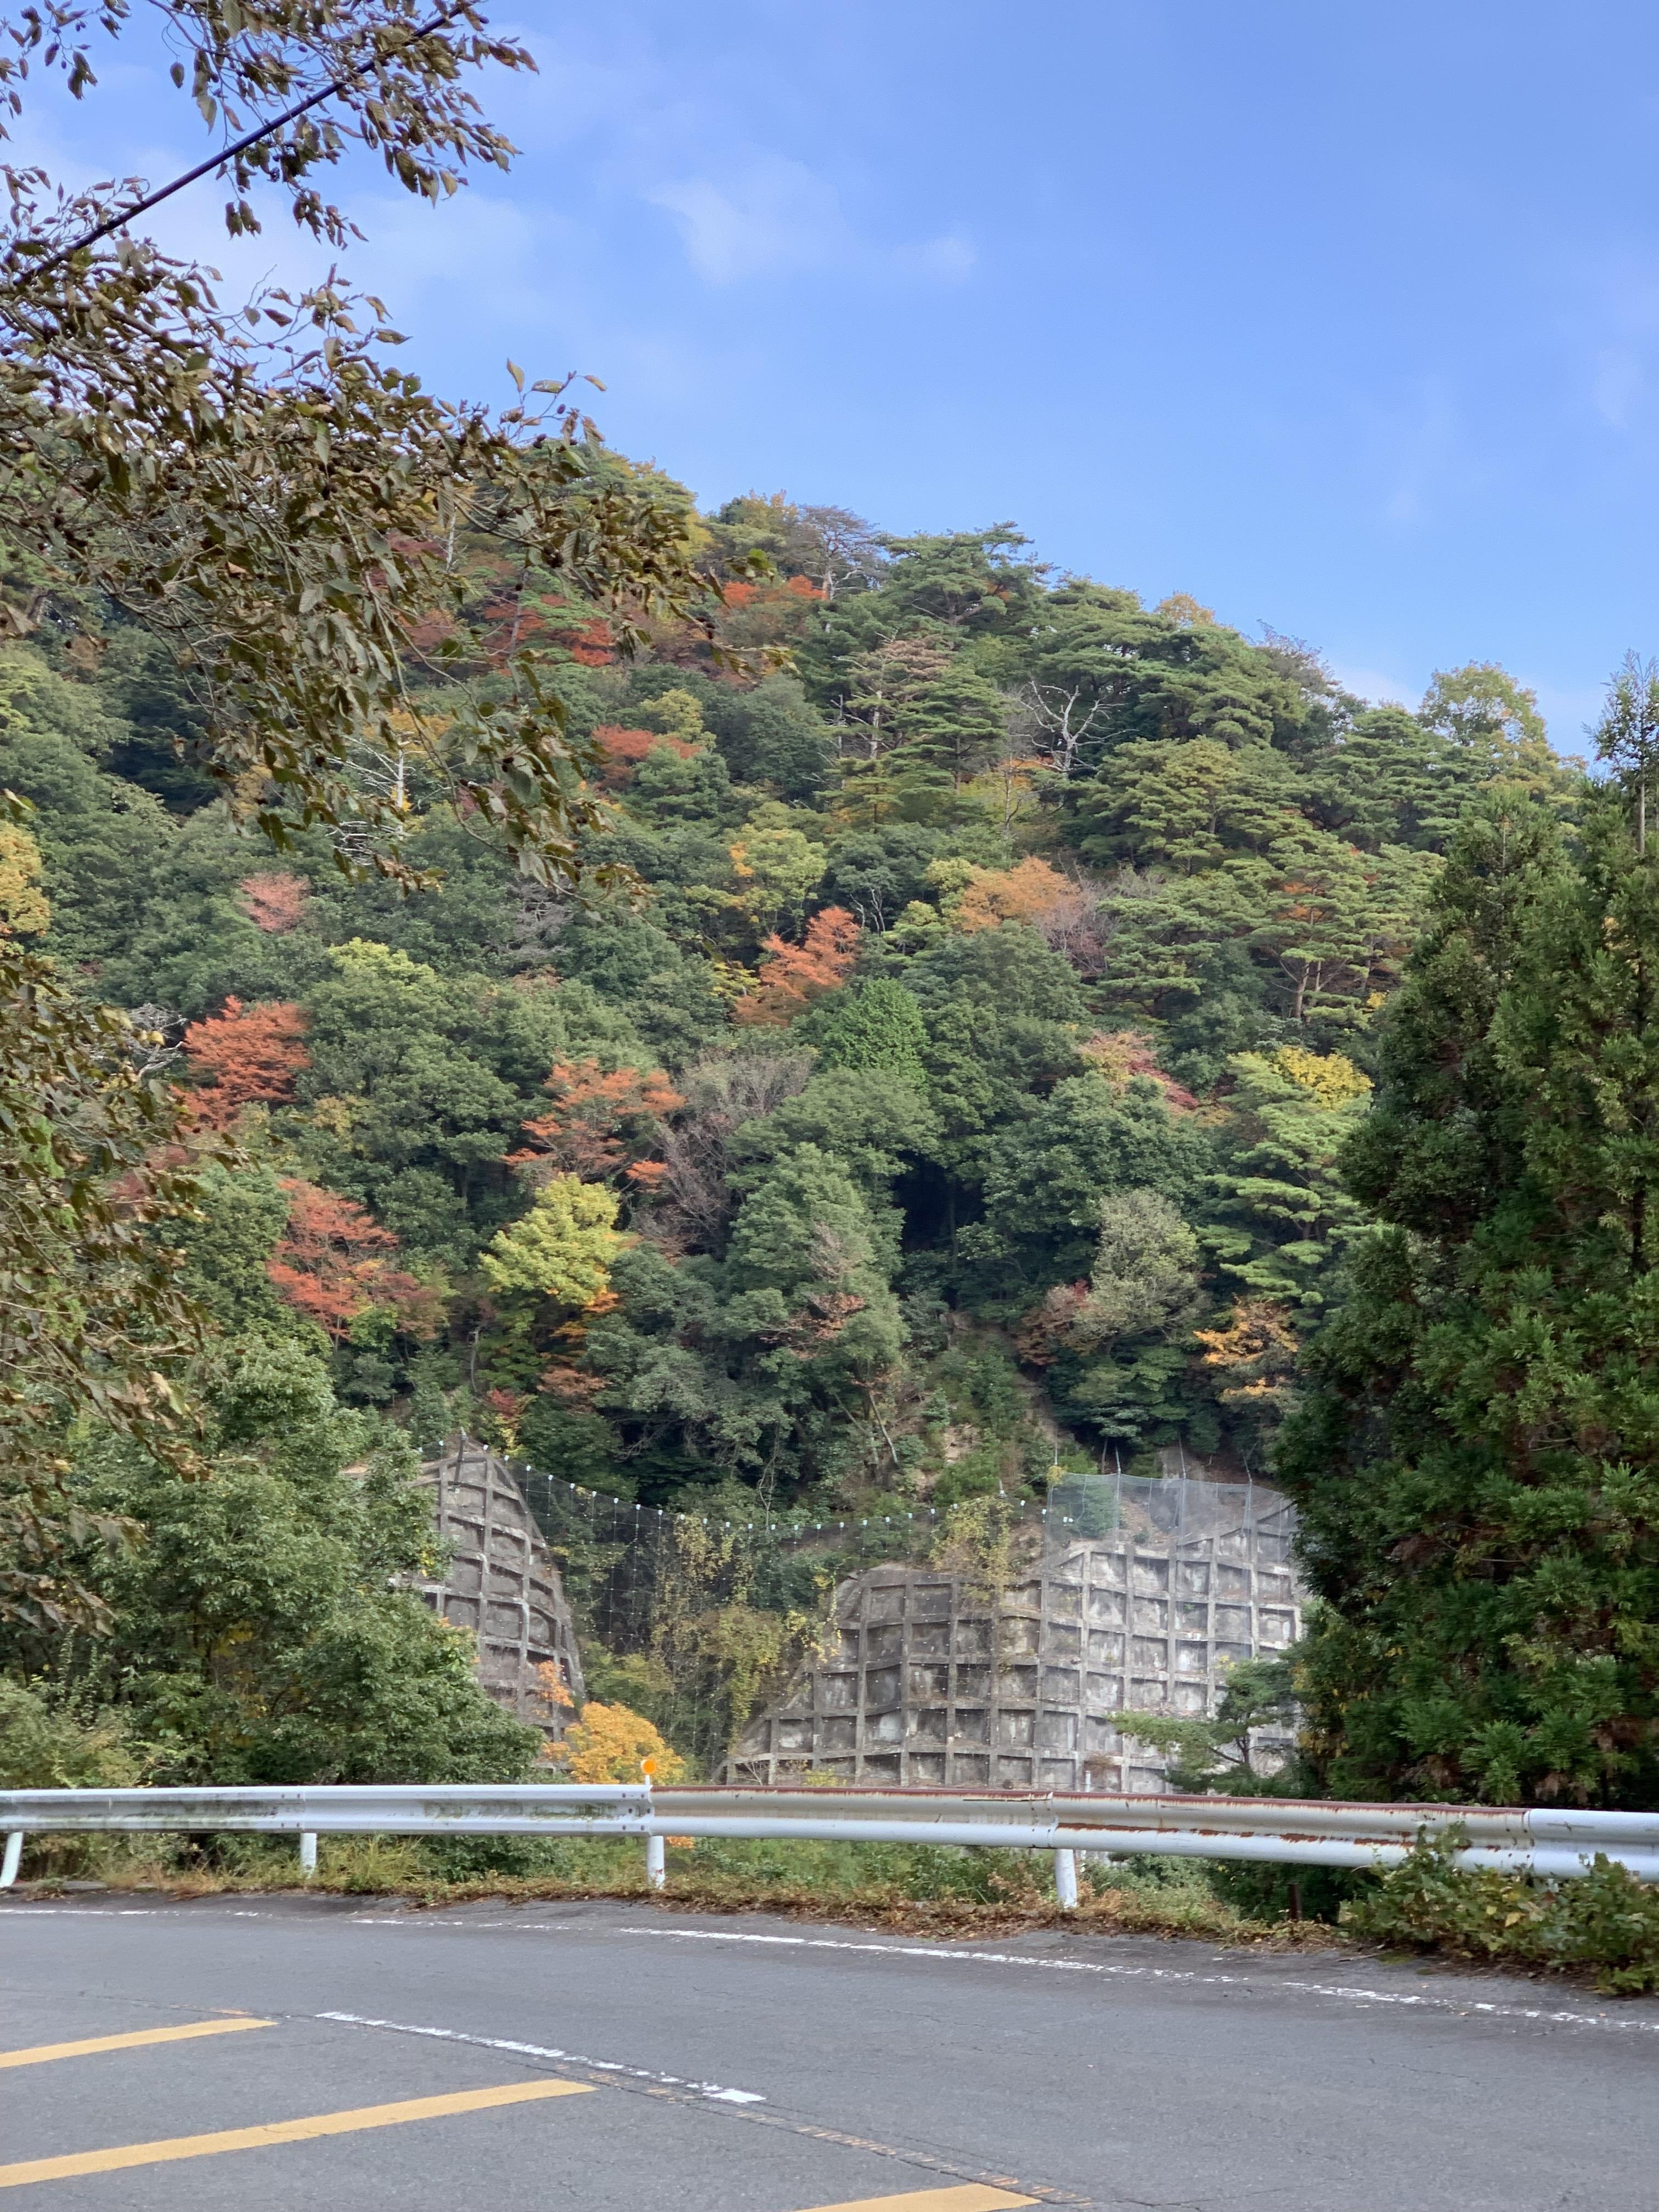 三重県御在所岳の紅葉を鈴鹿スカイラインから望む。2020年11月